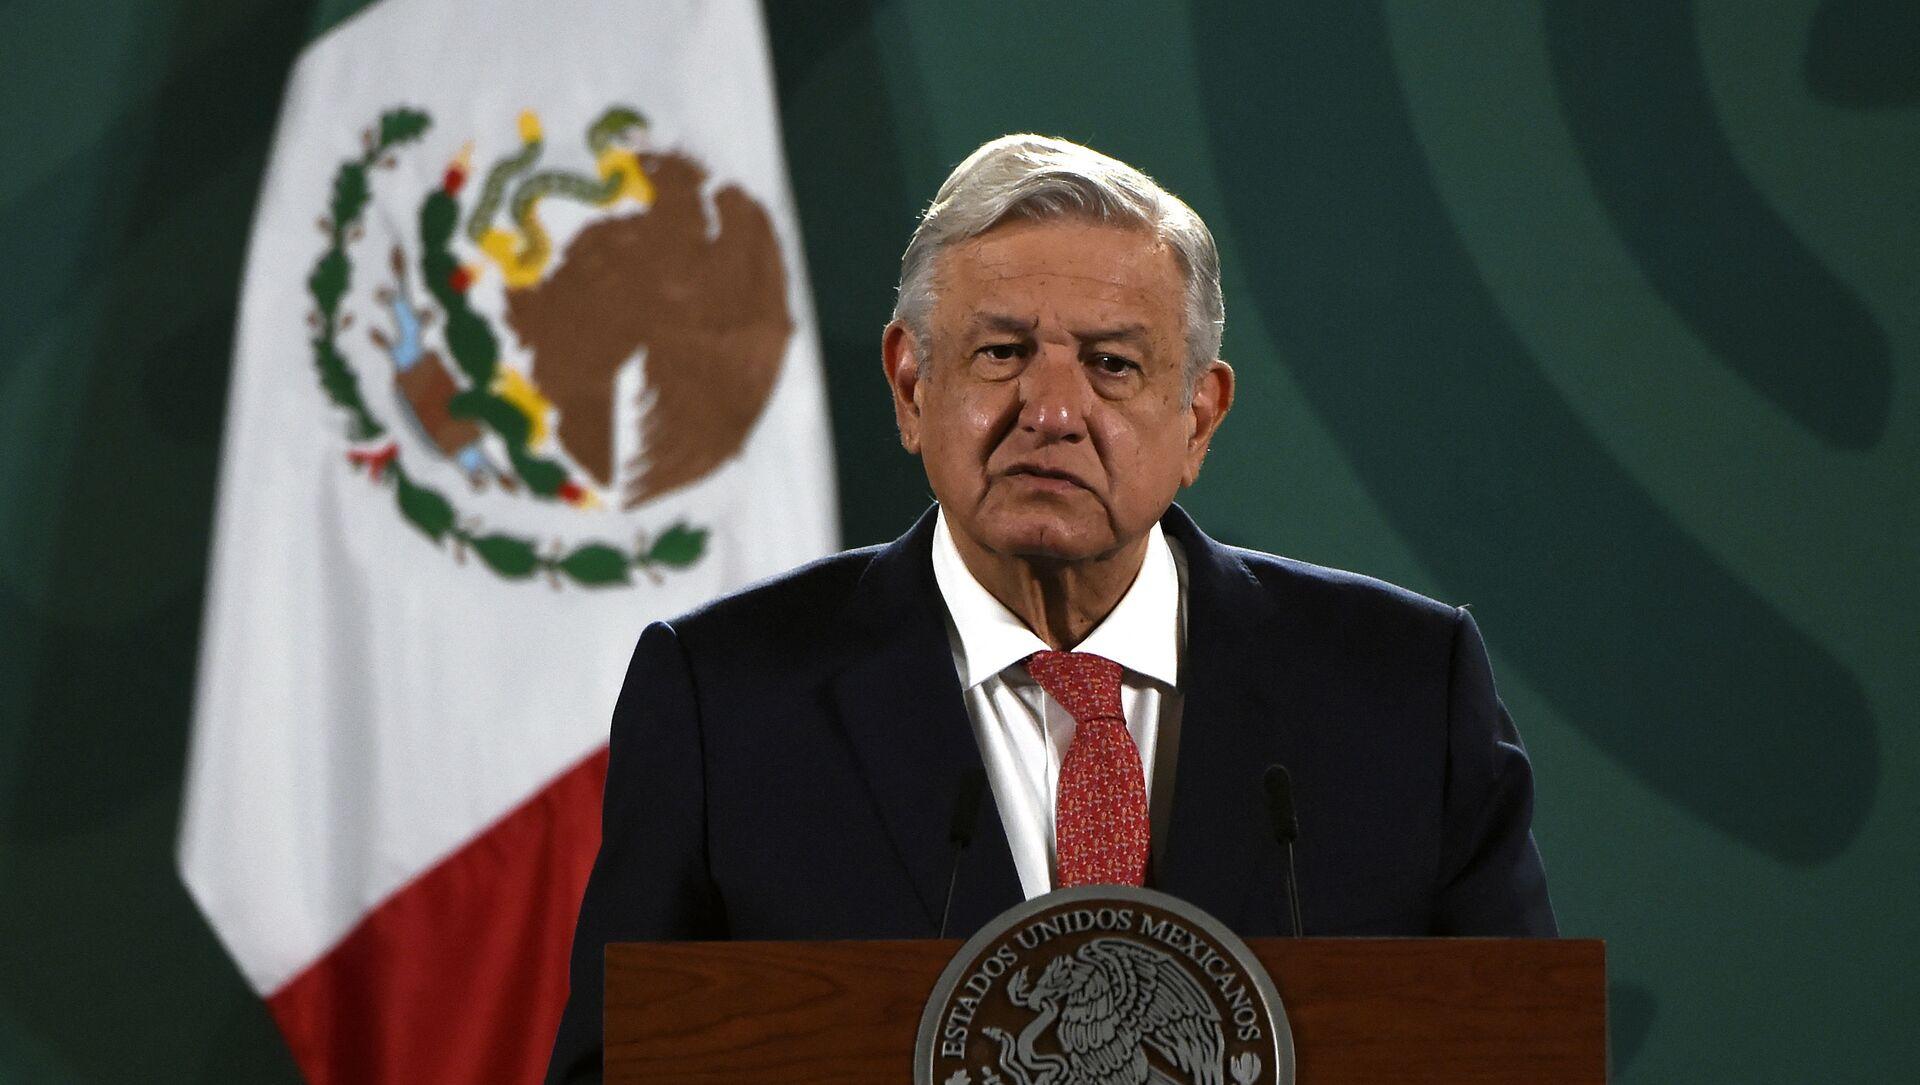 Président des États-Unis mexicains, Andrés Manuel Lopez Obrador - Sputnik France, 1920, 01.08.2021